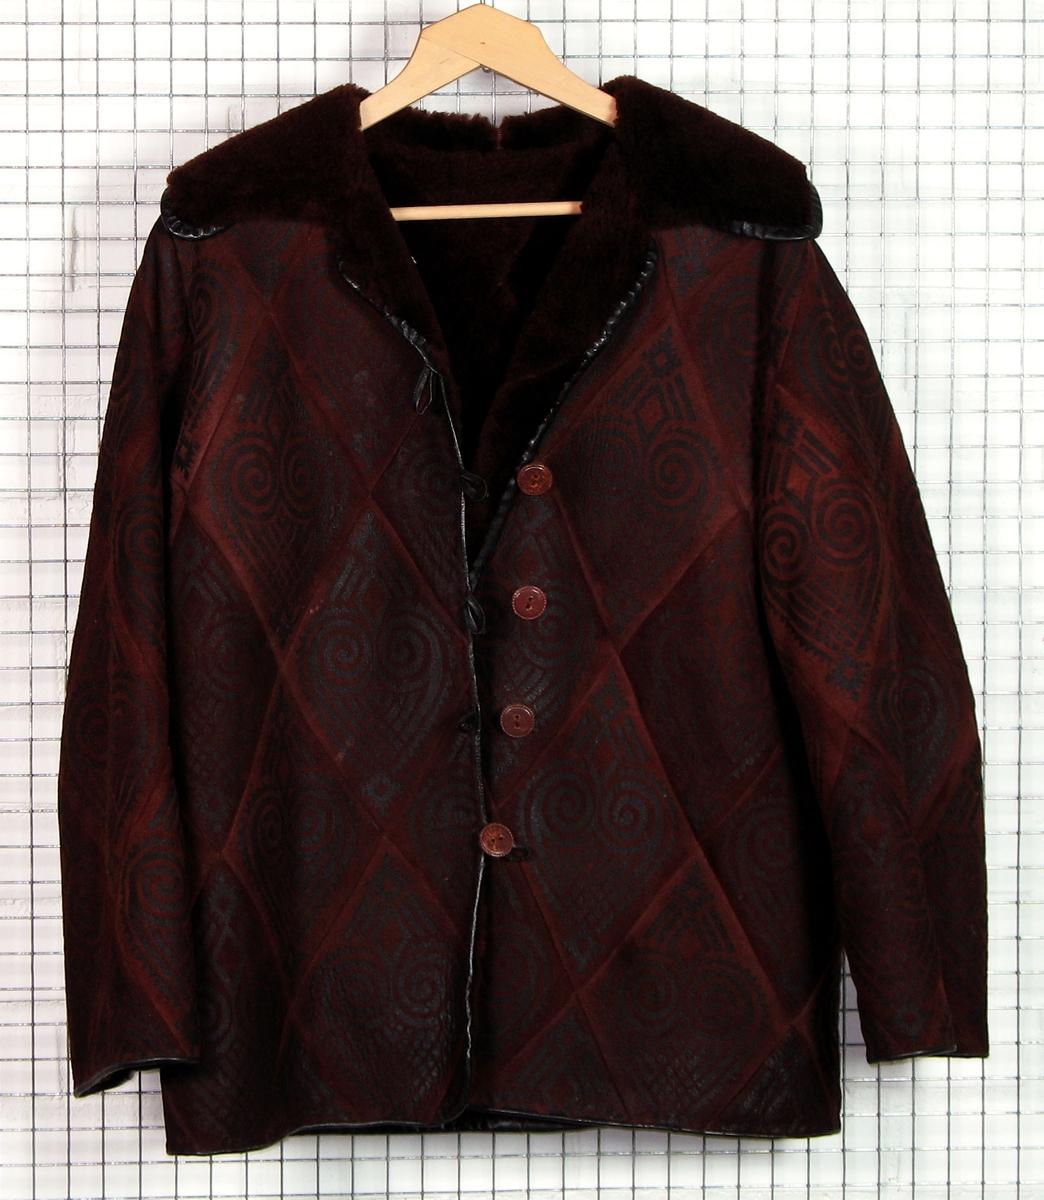 Form: Klassisk jakke med krage